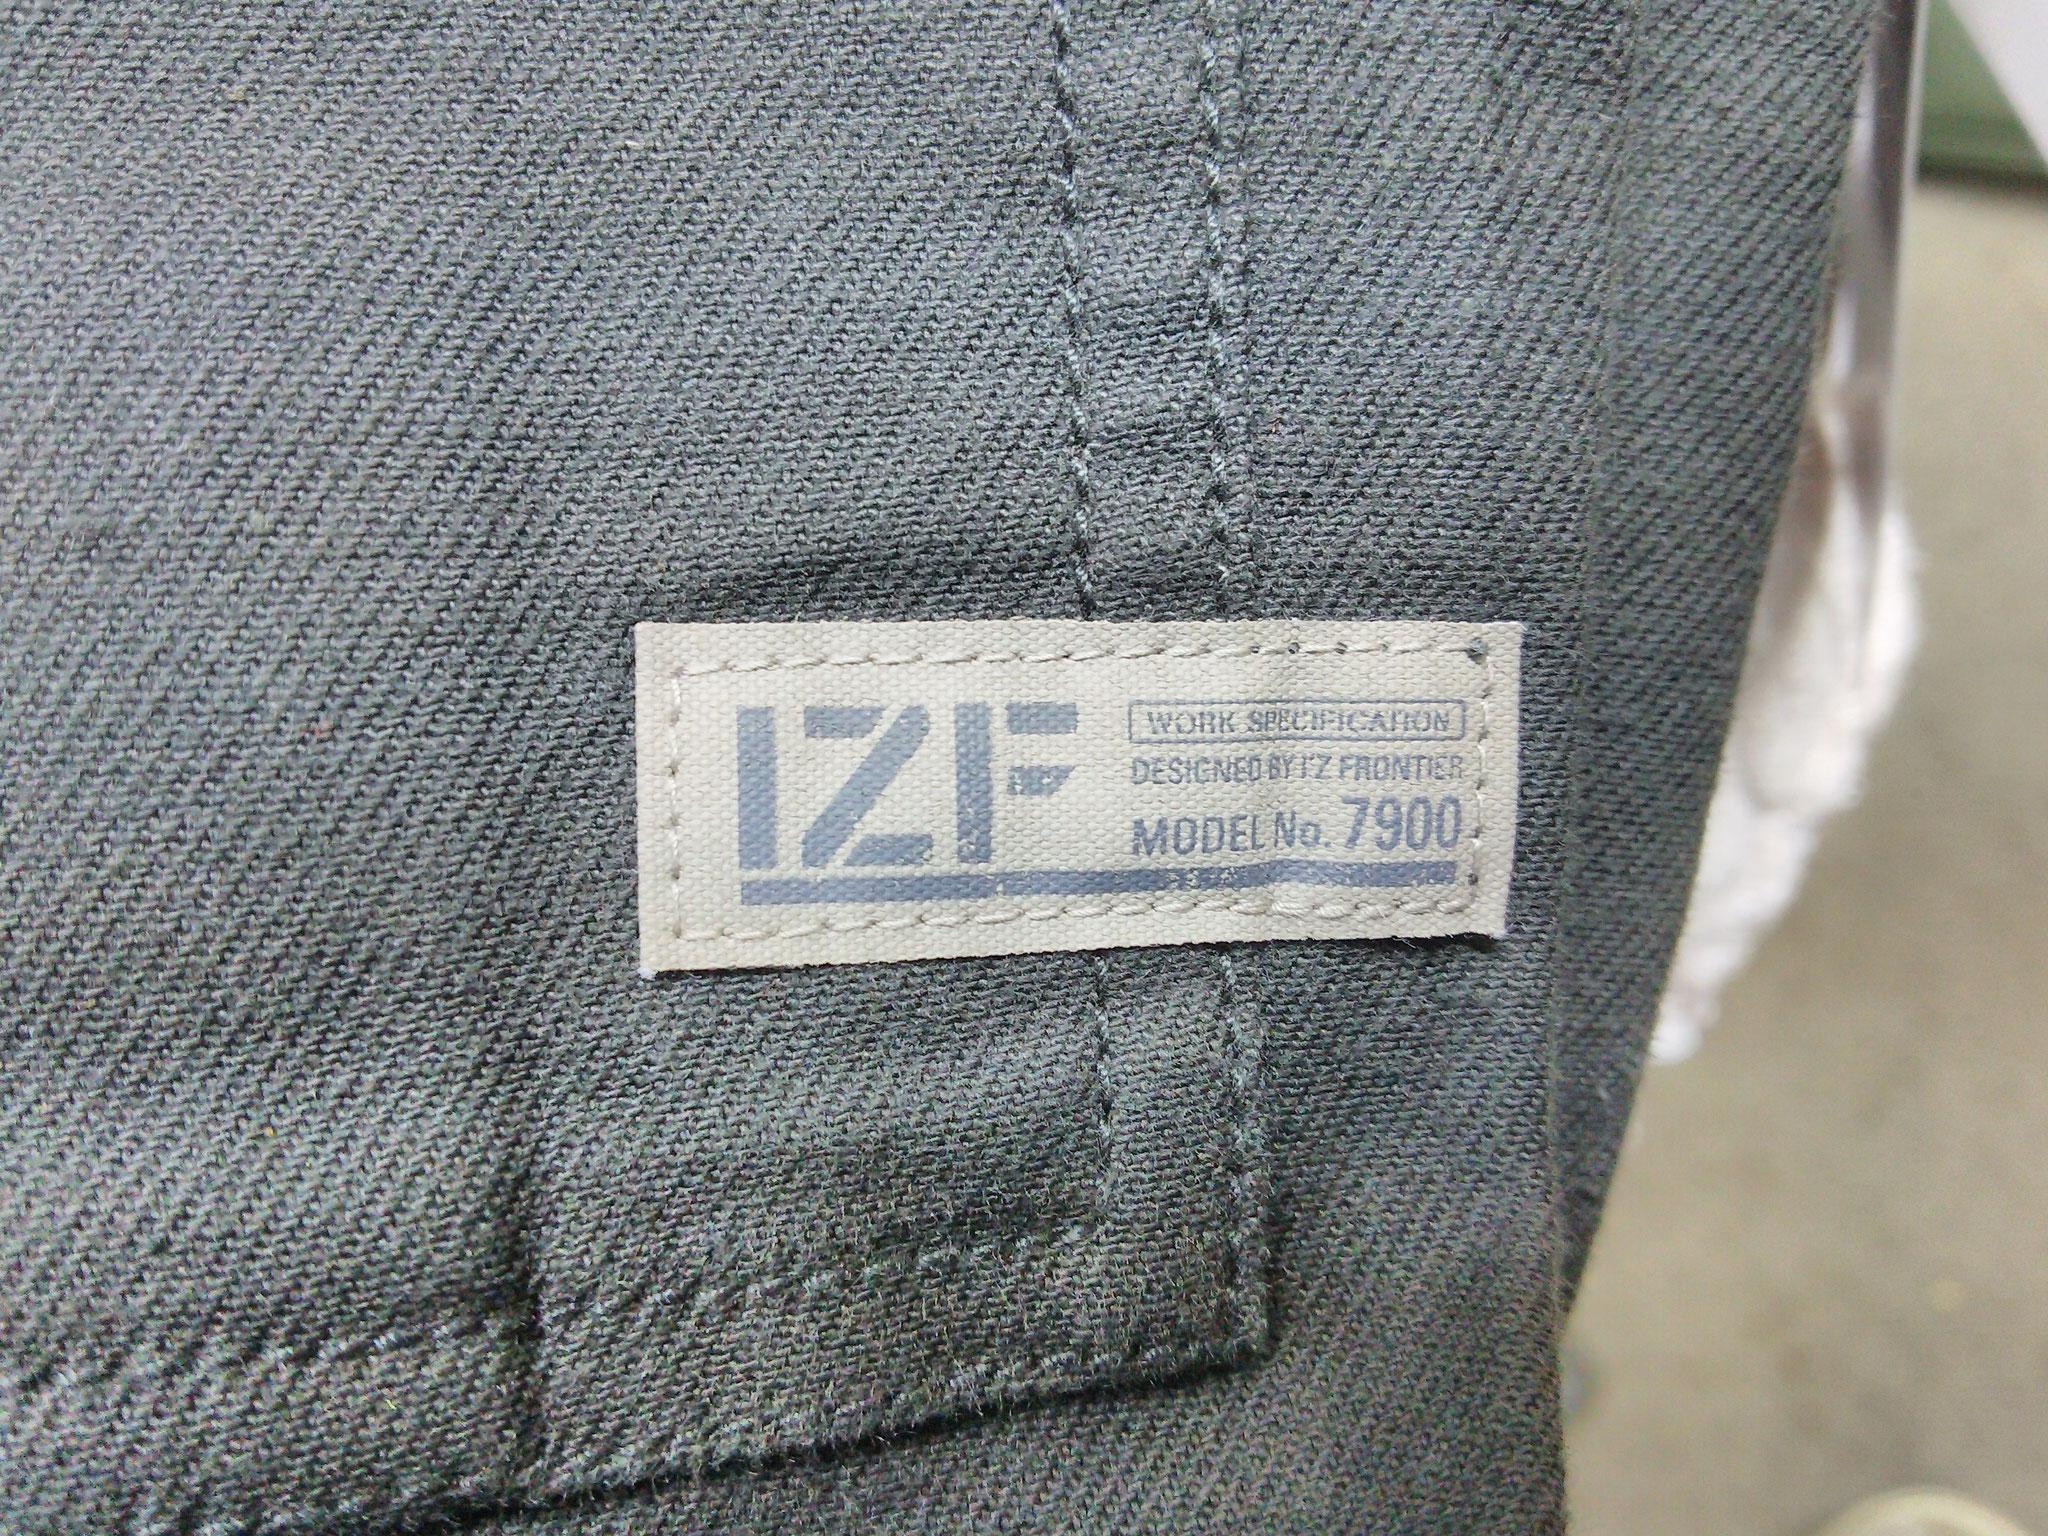 I'Z FRONTIER 7920 SERIES ~アイズフロンティア ストレッチカーゴパンツ~ さりげない、IZFロゴのタグネーム。